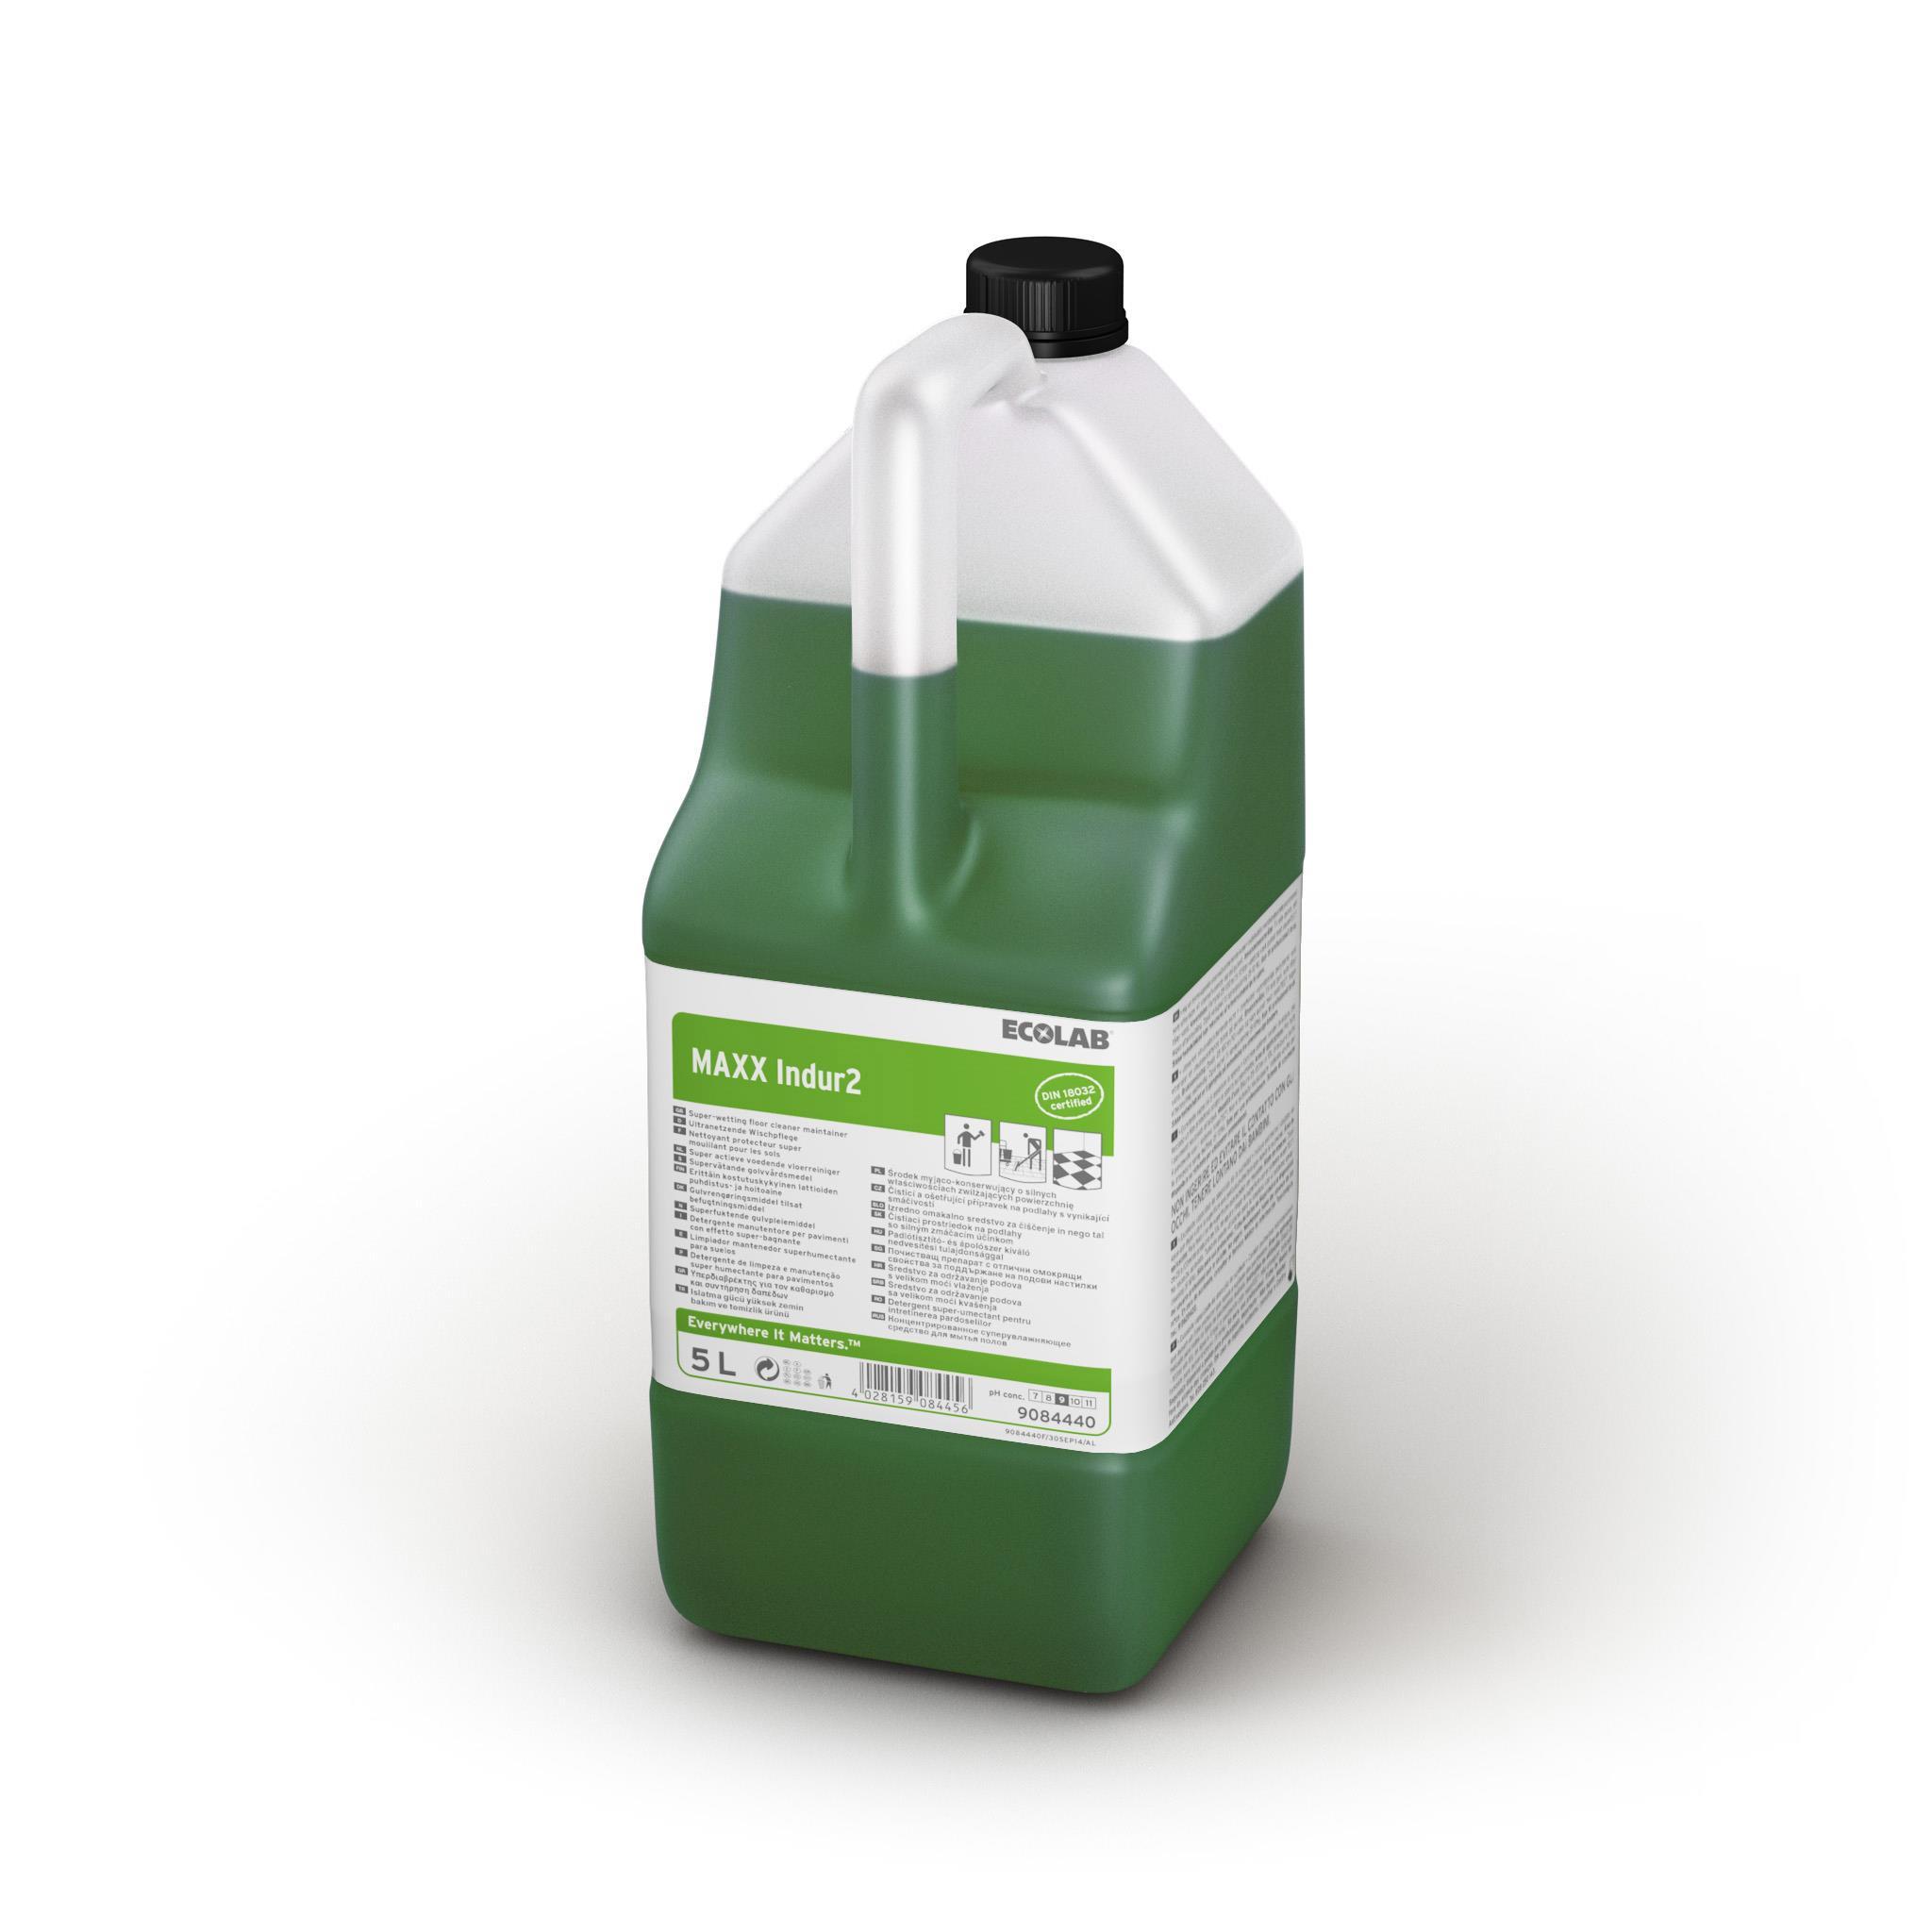 Detergent Superumectant Manual Pentru Curatarea Pardoselilor Maxx2 Indur 5l Ecolab sanito.ro